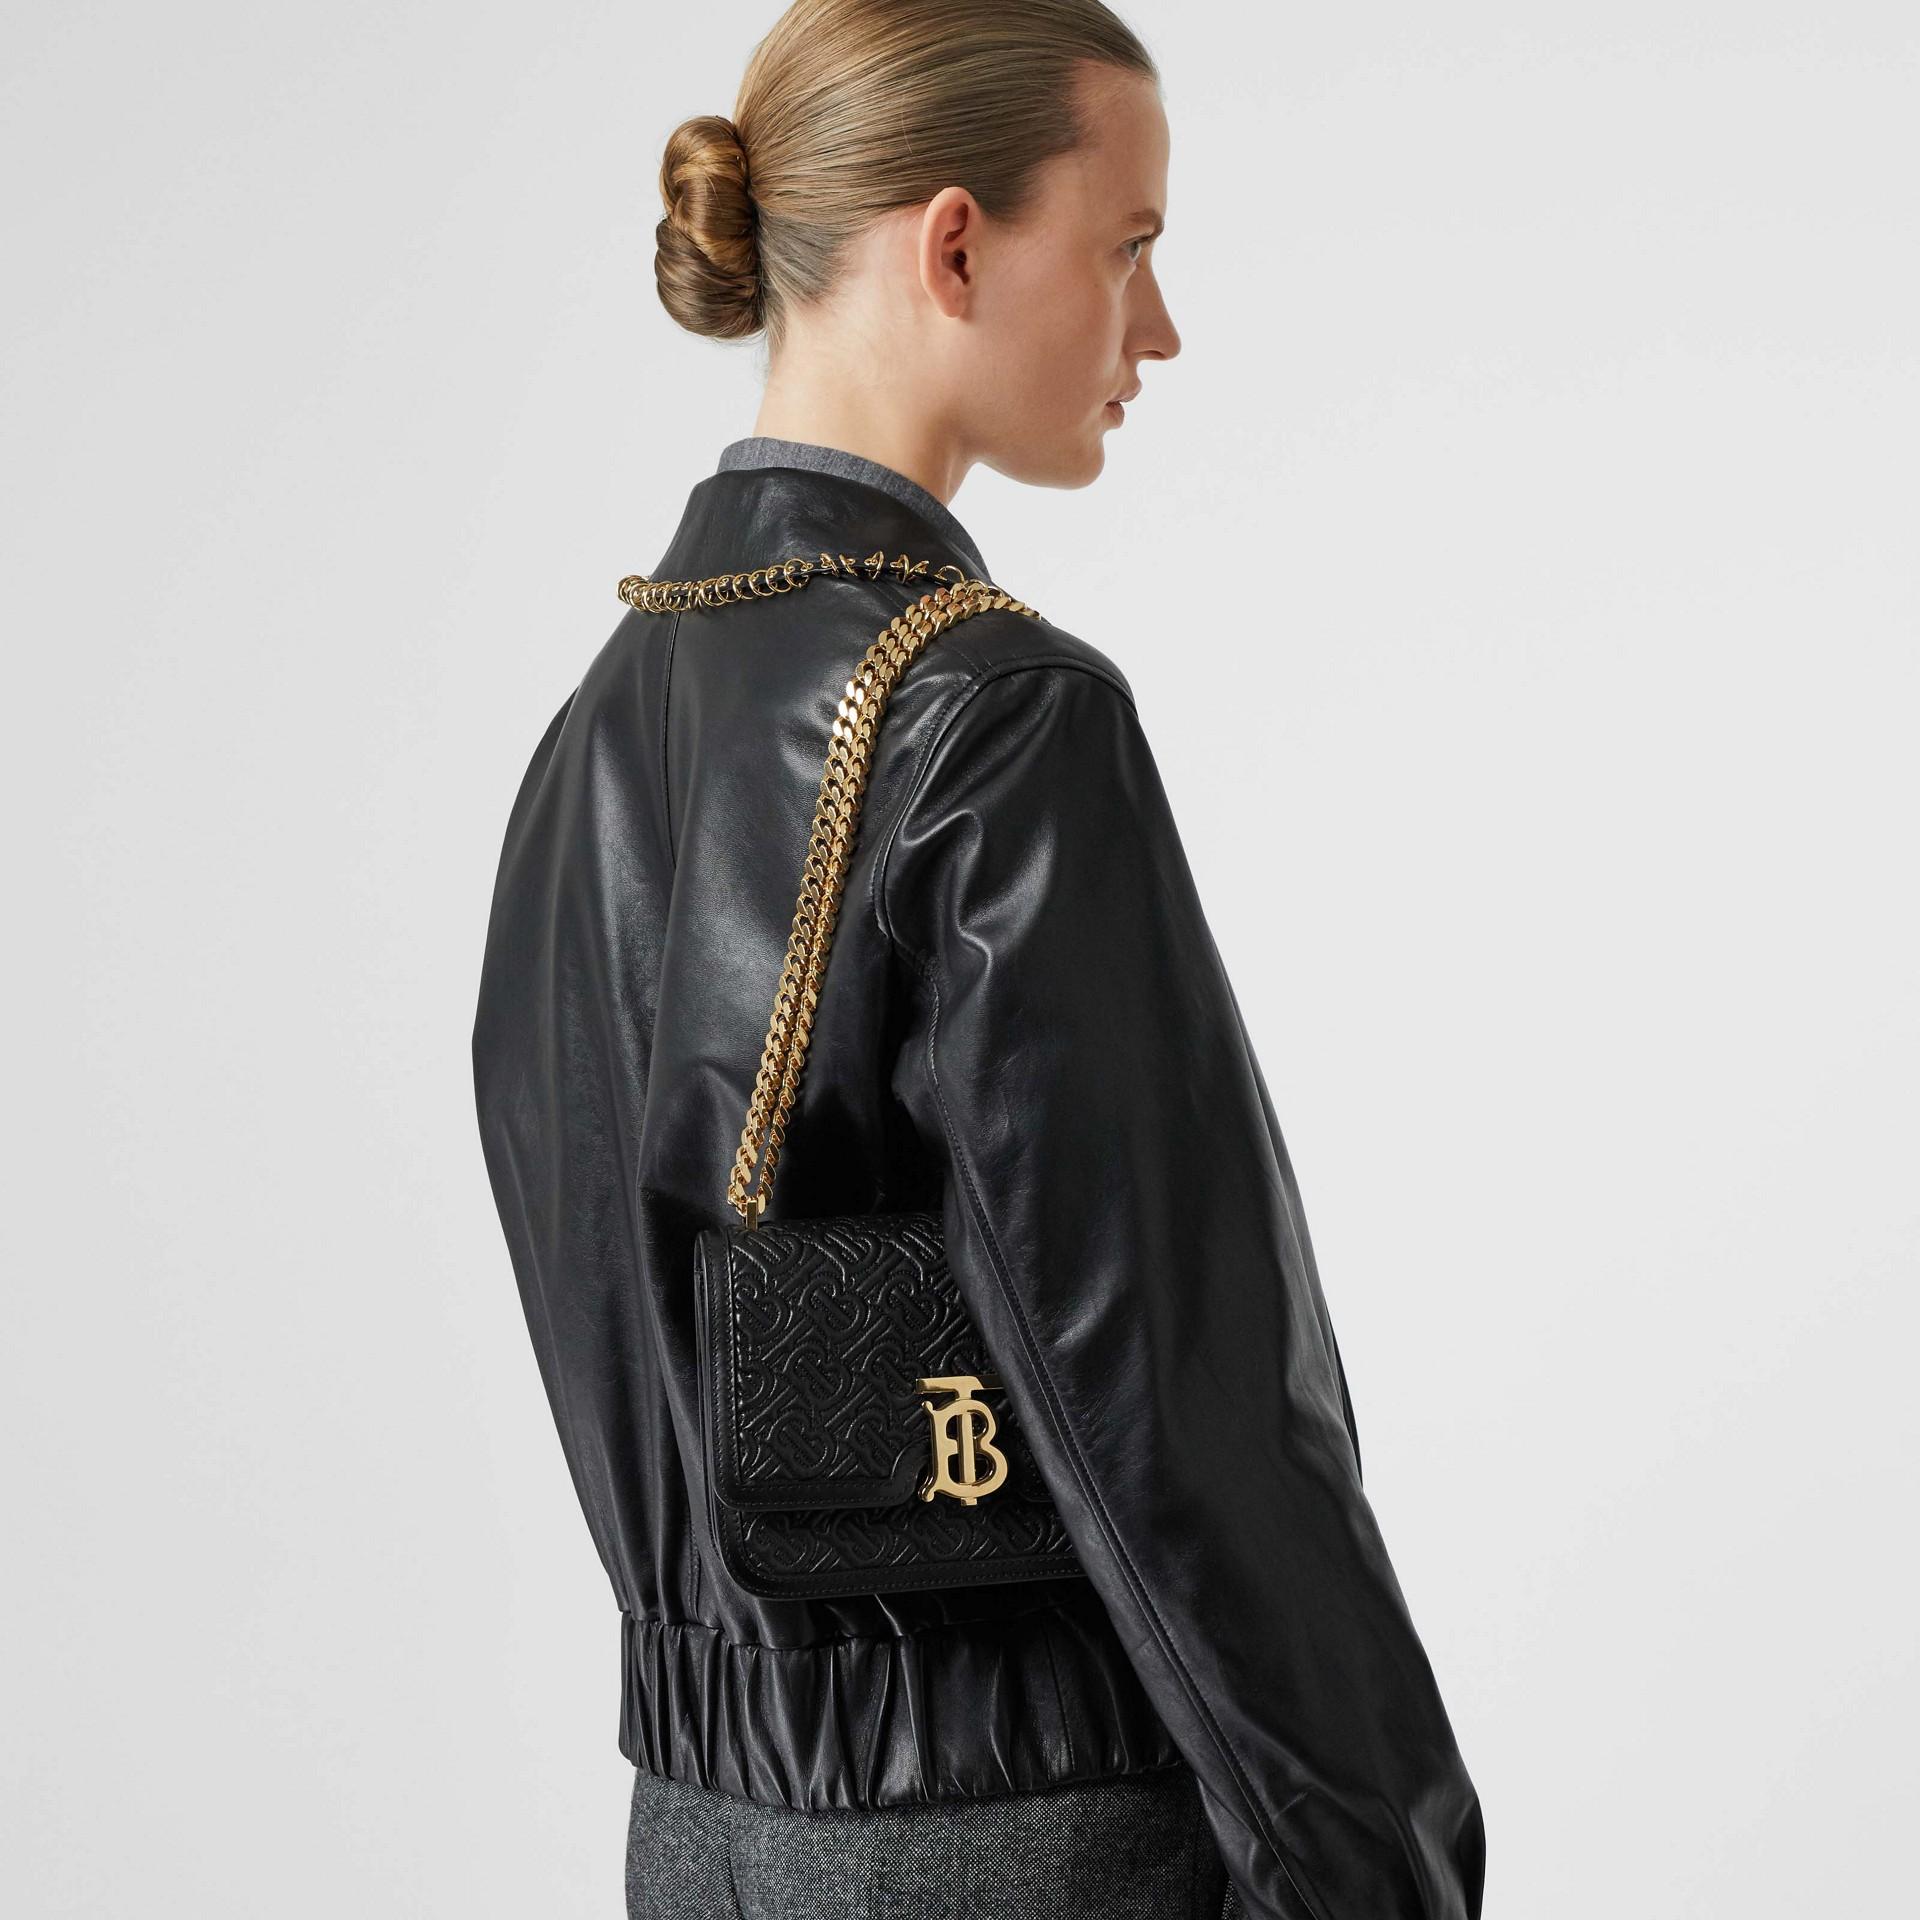 Bolsa TB de couro de cordeiro com monograma - Pequena (Preto) - Mulheres | Burberry - galeria de imagens 2